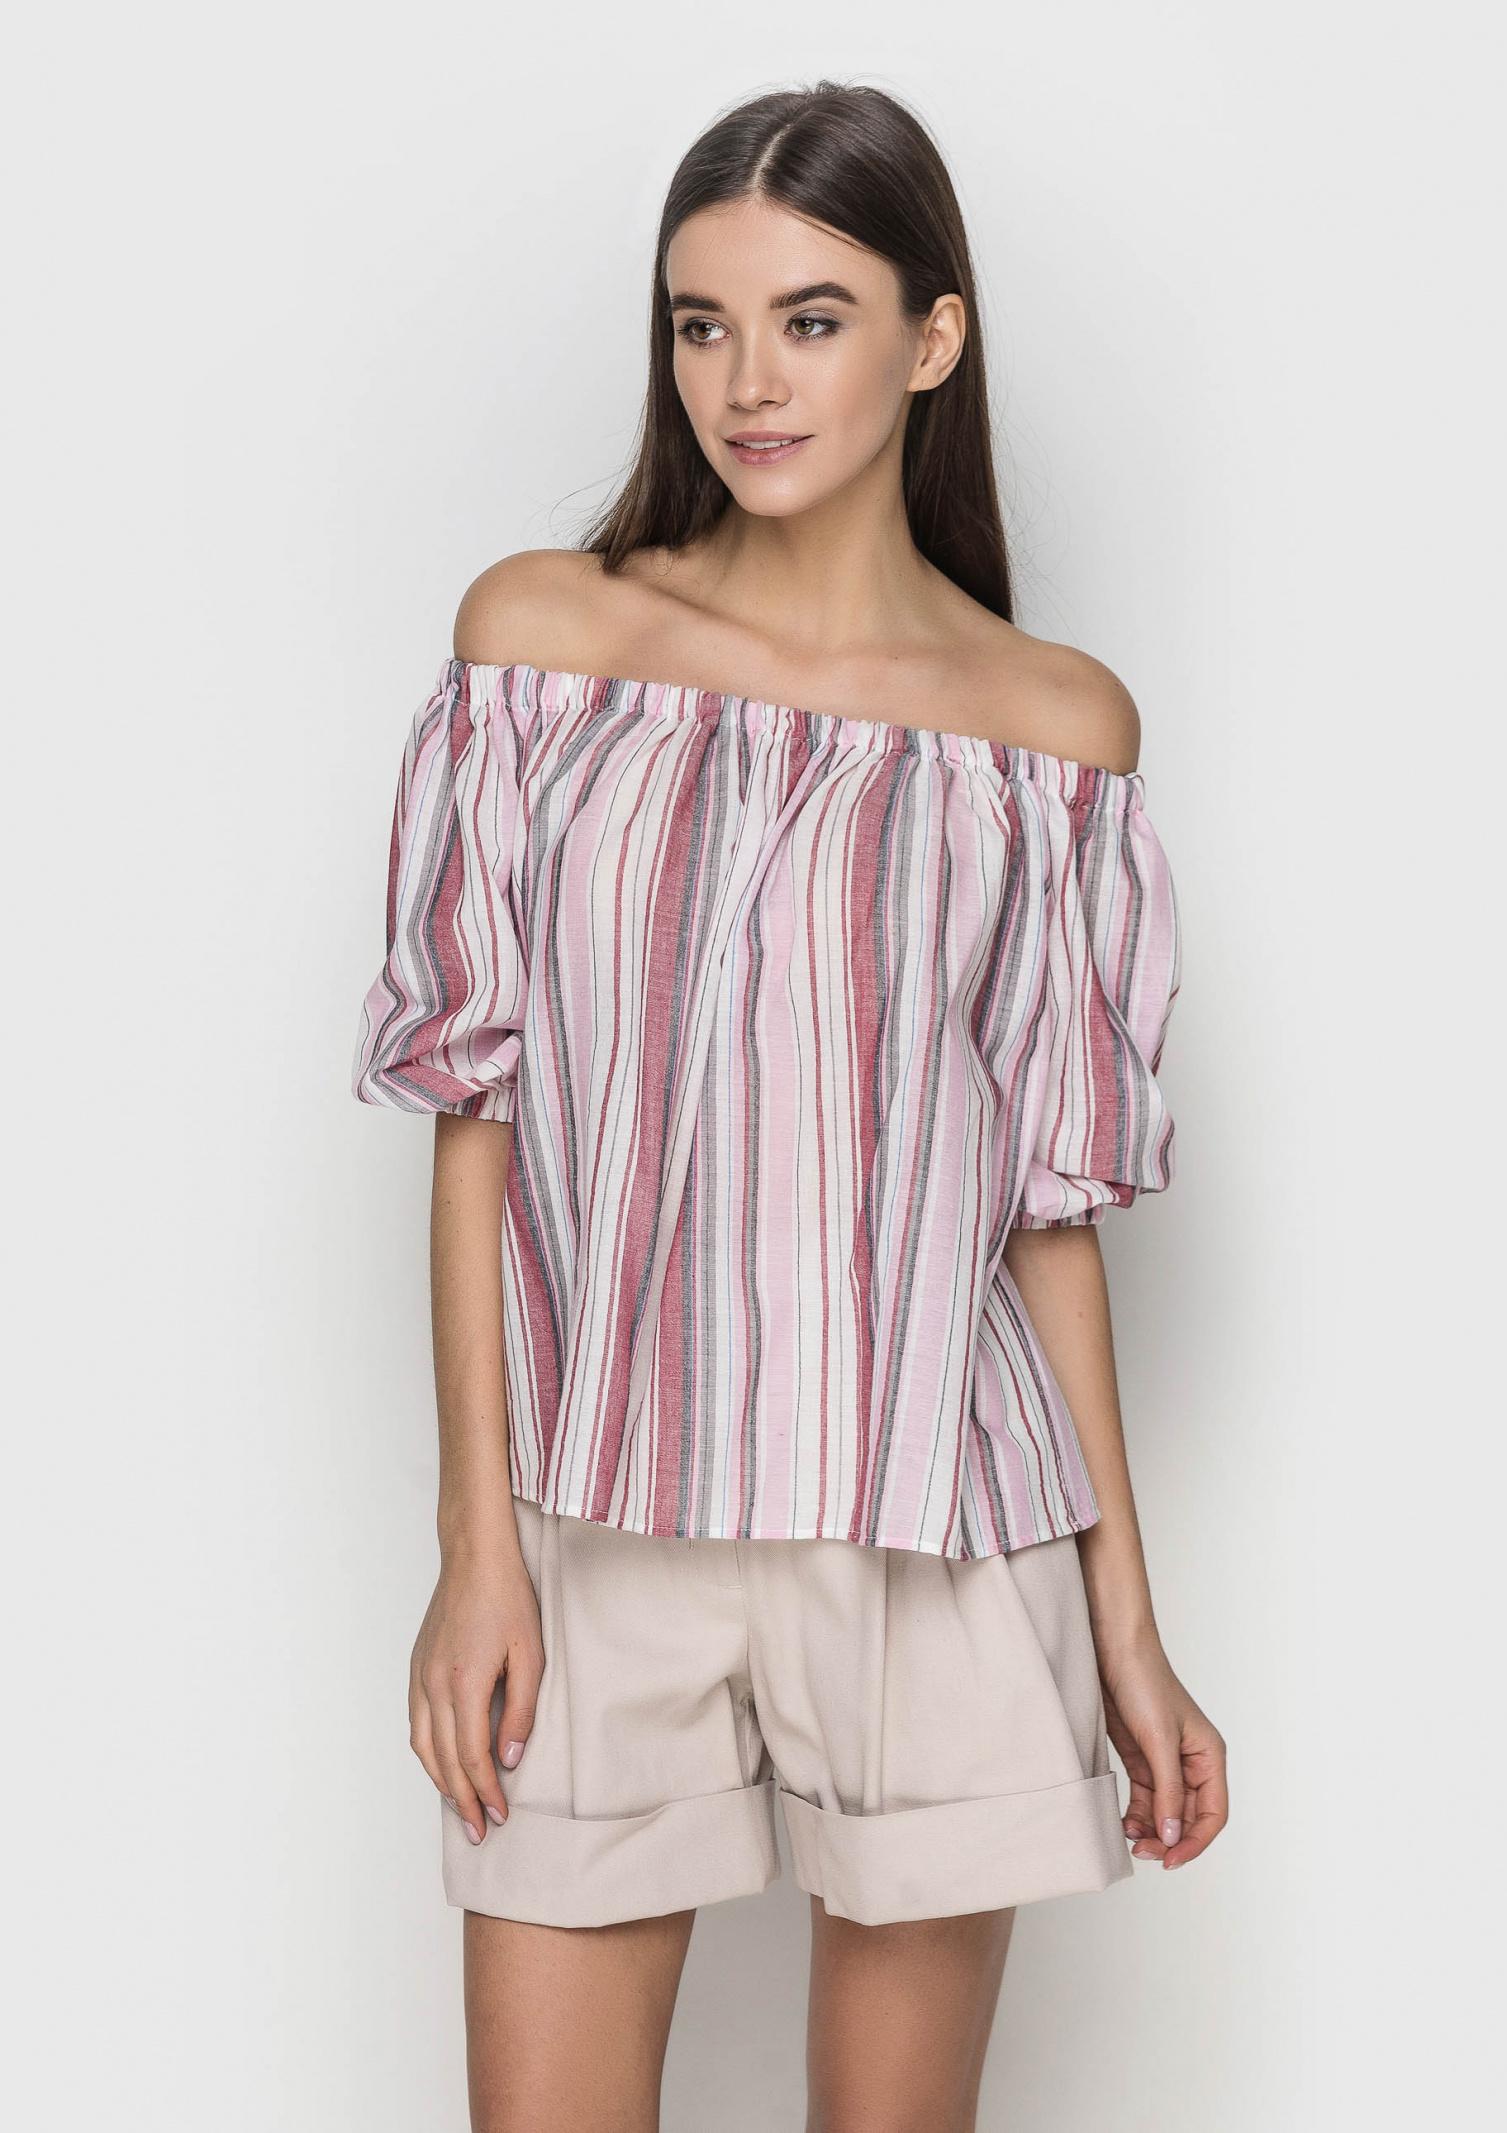 Samange Блуза жіночі модель 4B_186 купити, 2017